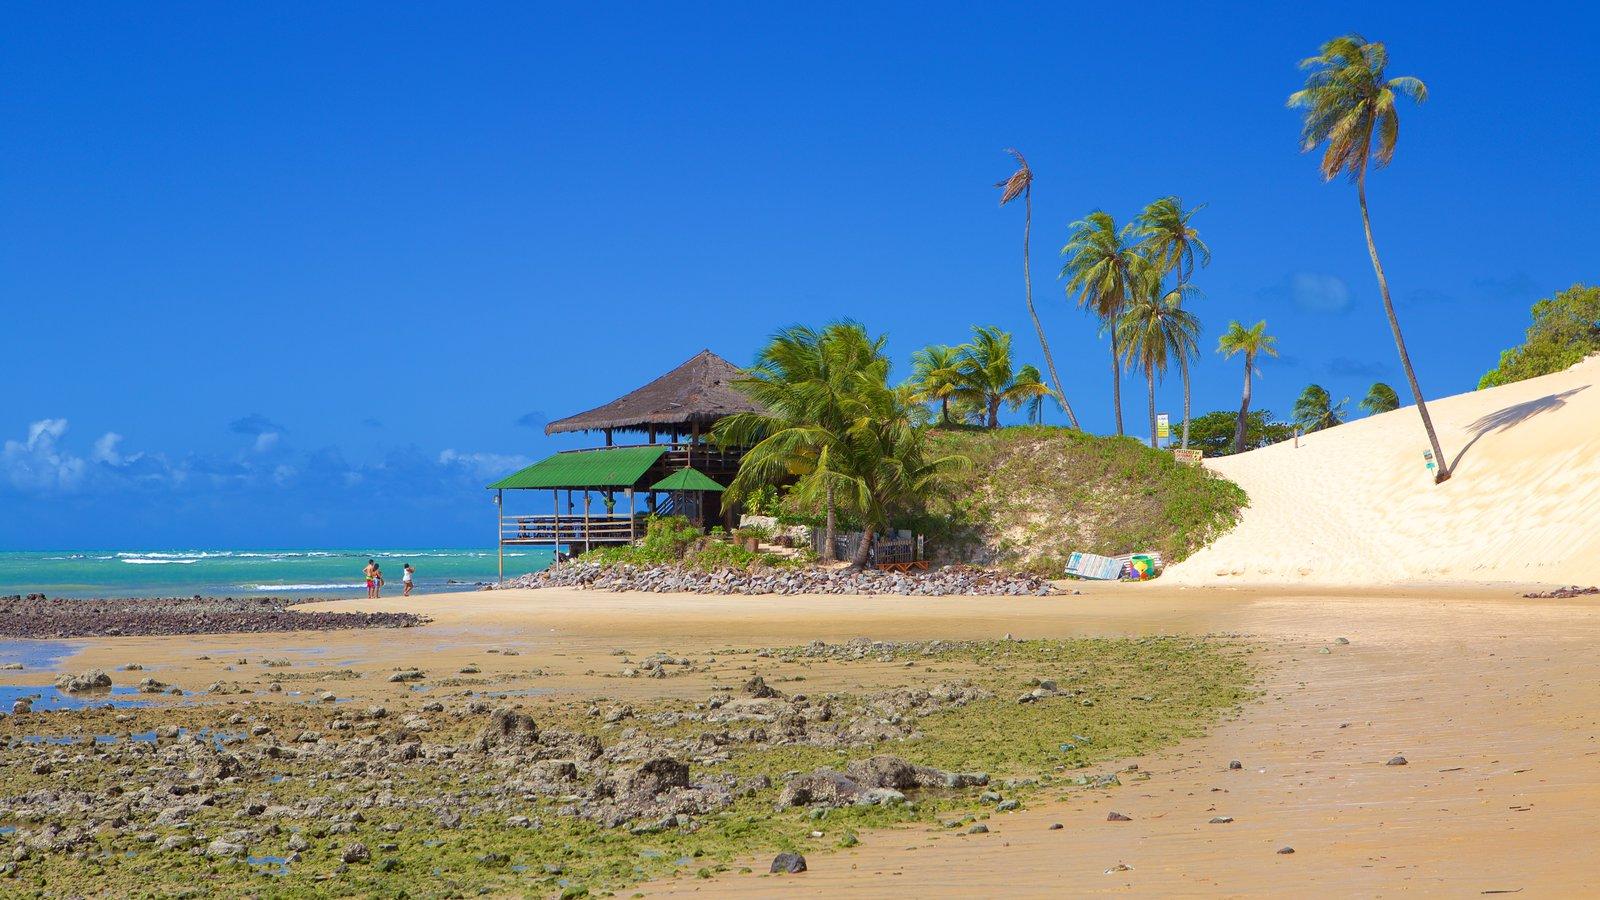 Praia de Genipabú que inclui cenas tropicais, uma praia de areia e paisagens litorâneas